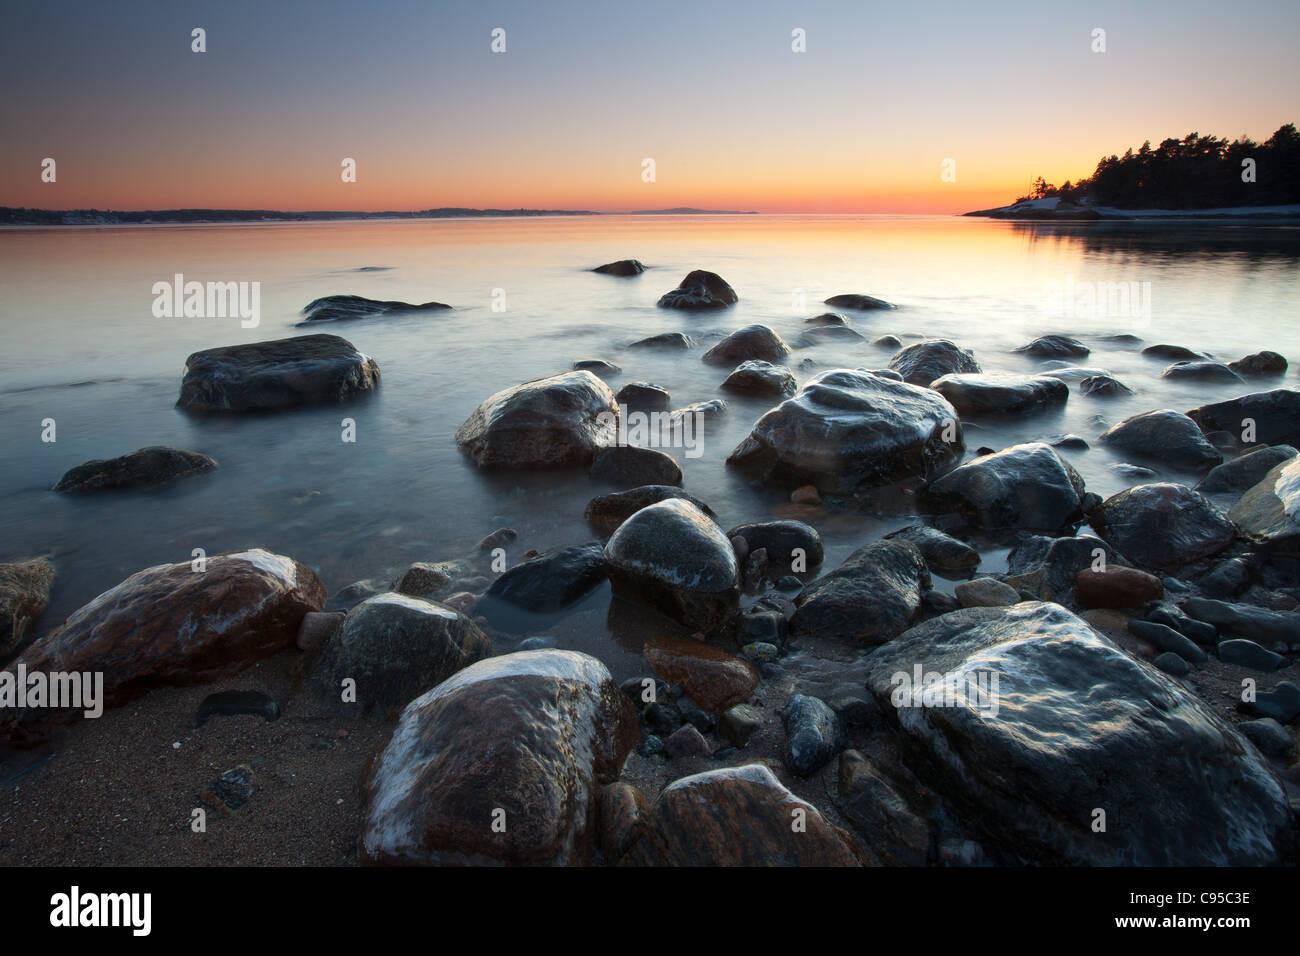 El paisaje costero al atardecer en horno en Råde kommune, Østfold fylke, Noruega. Imagen De Stock